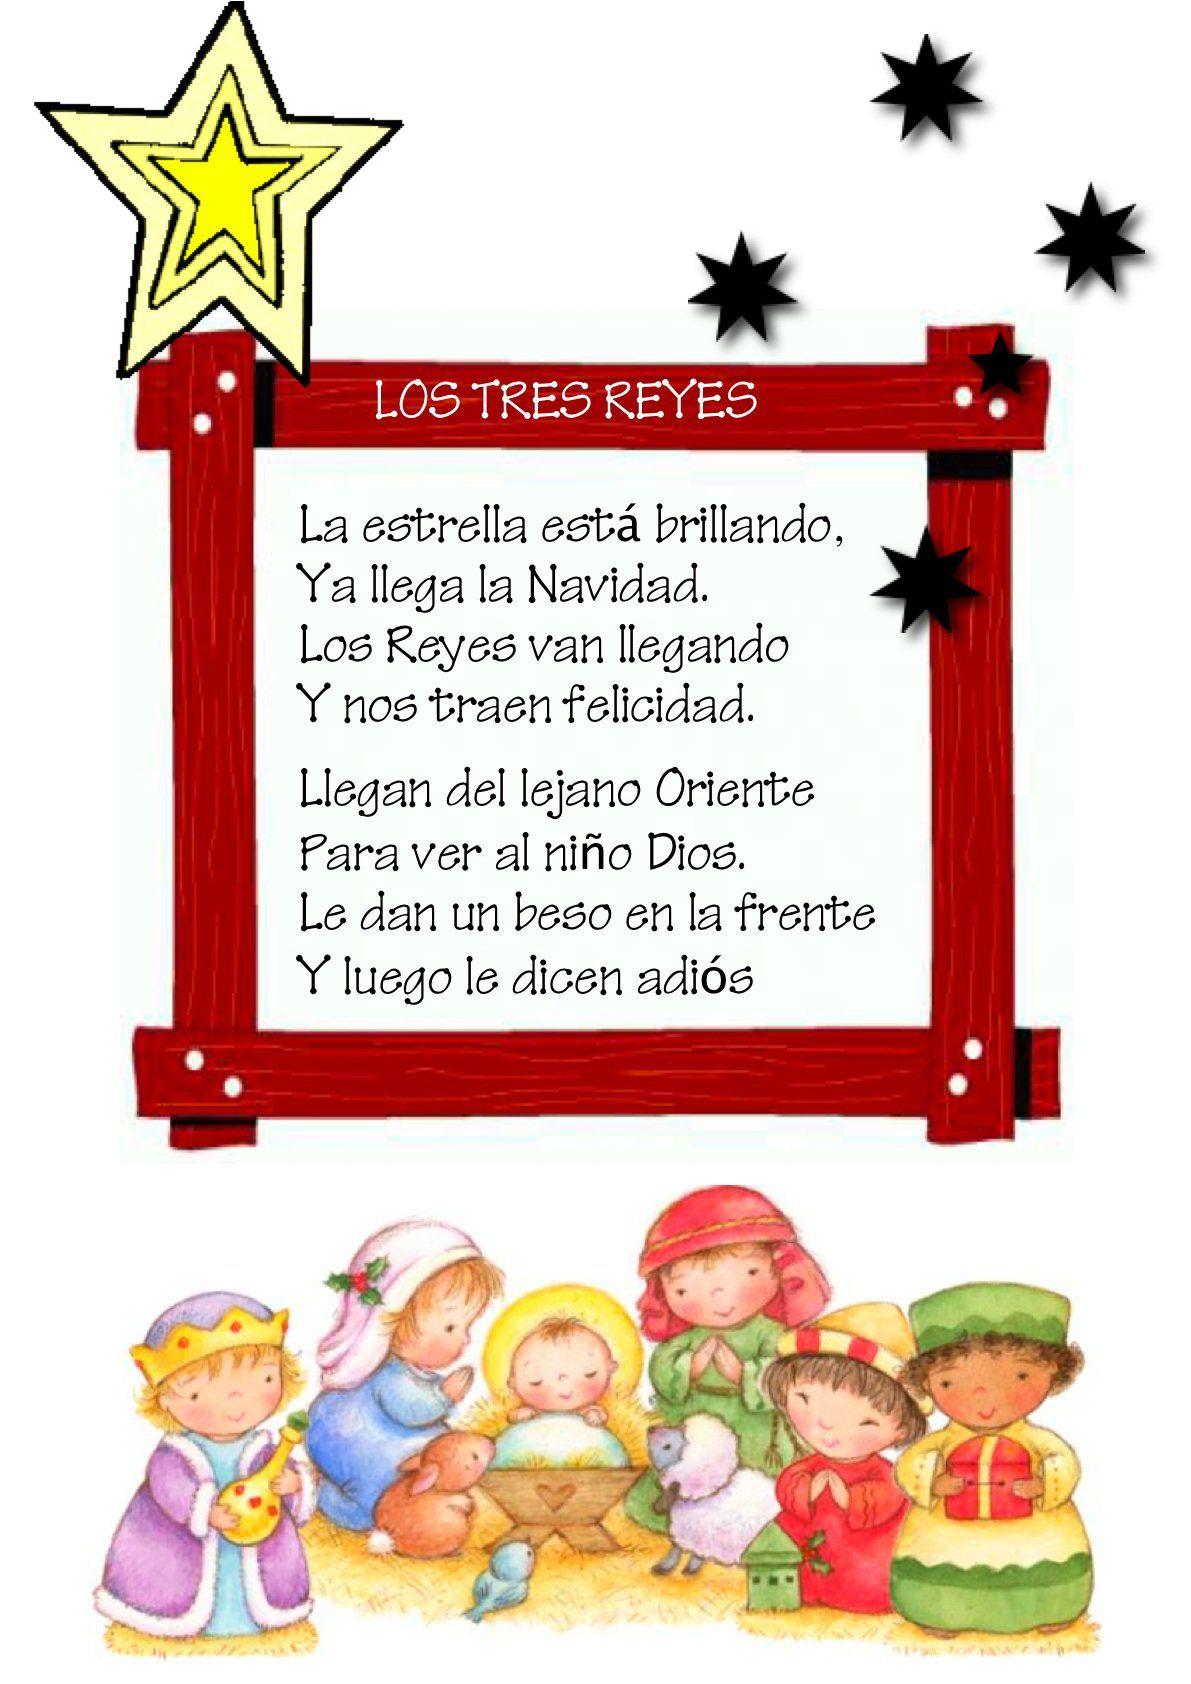 Frases de navidad para ni os divertidas amorsote for Tarjetas de navidad para ninos pequenos